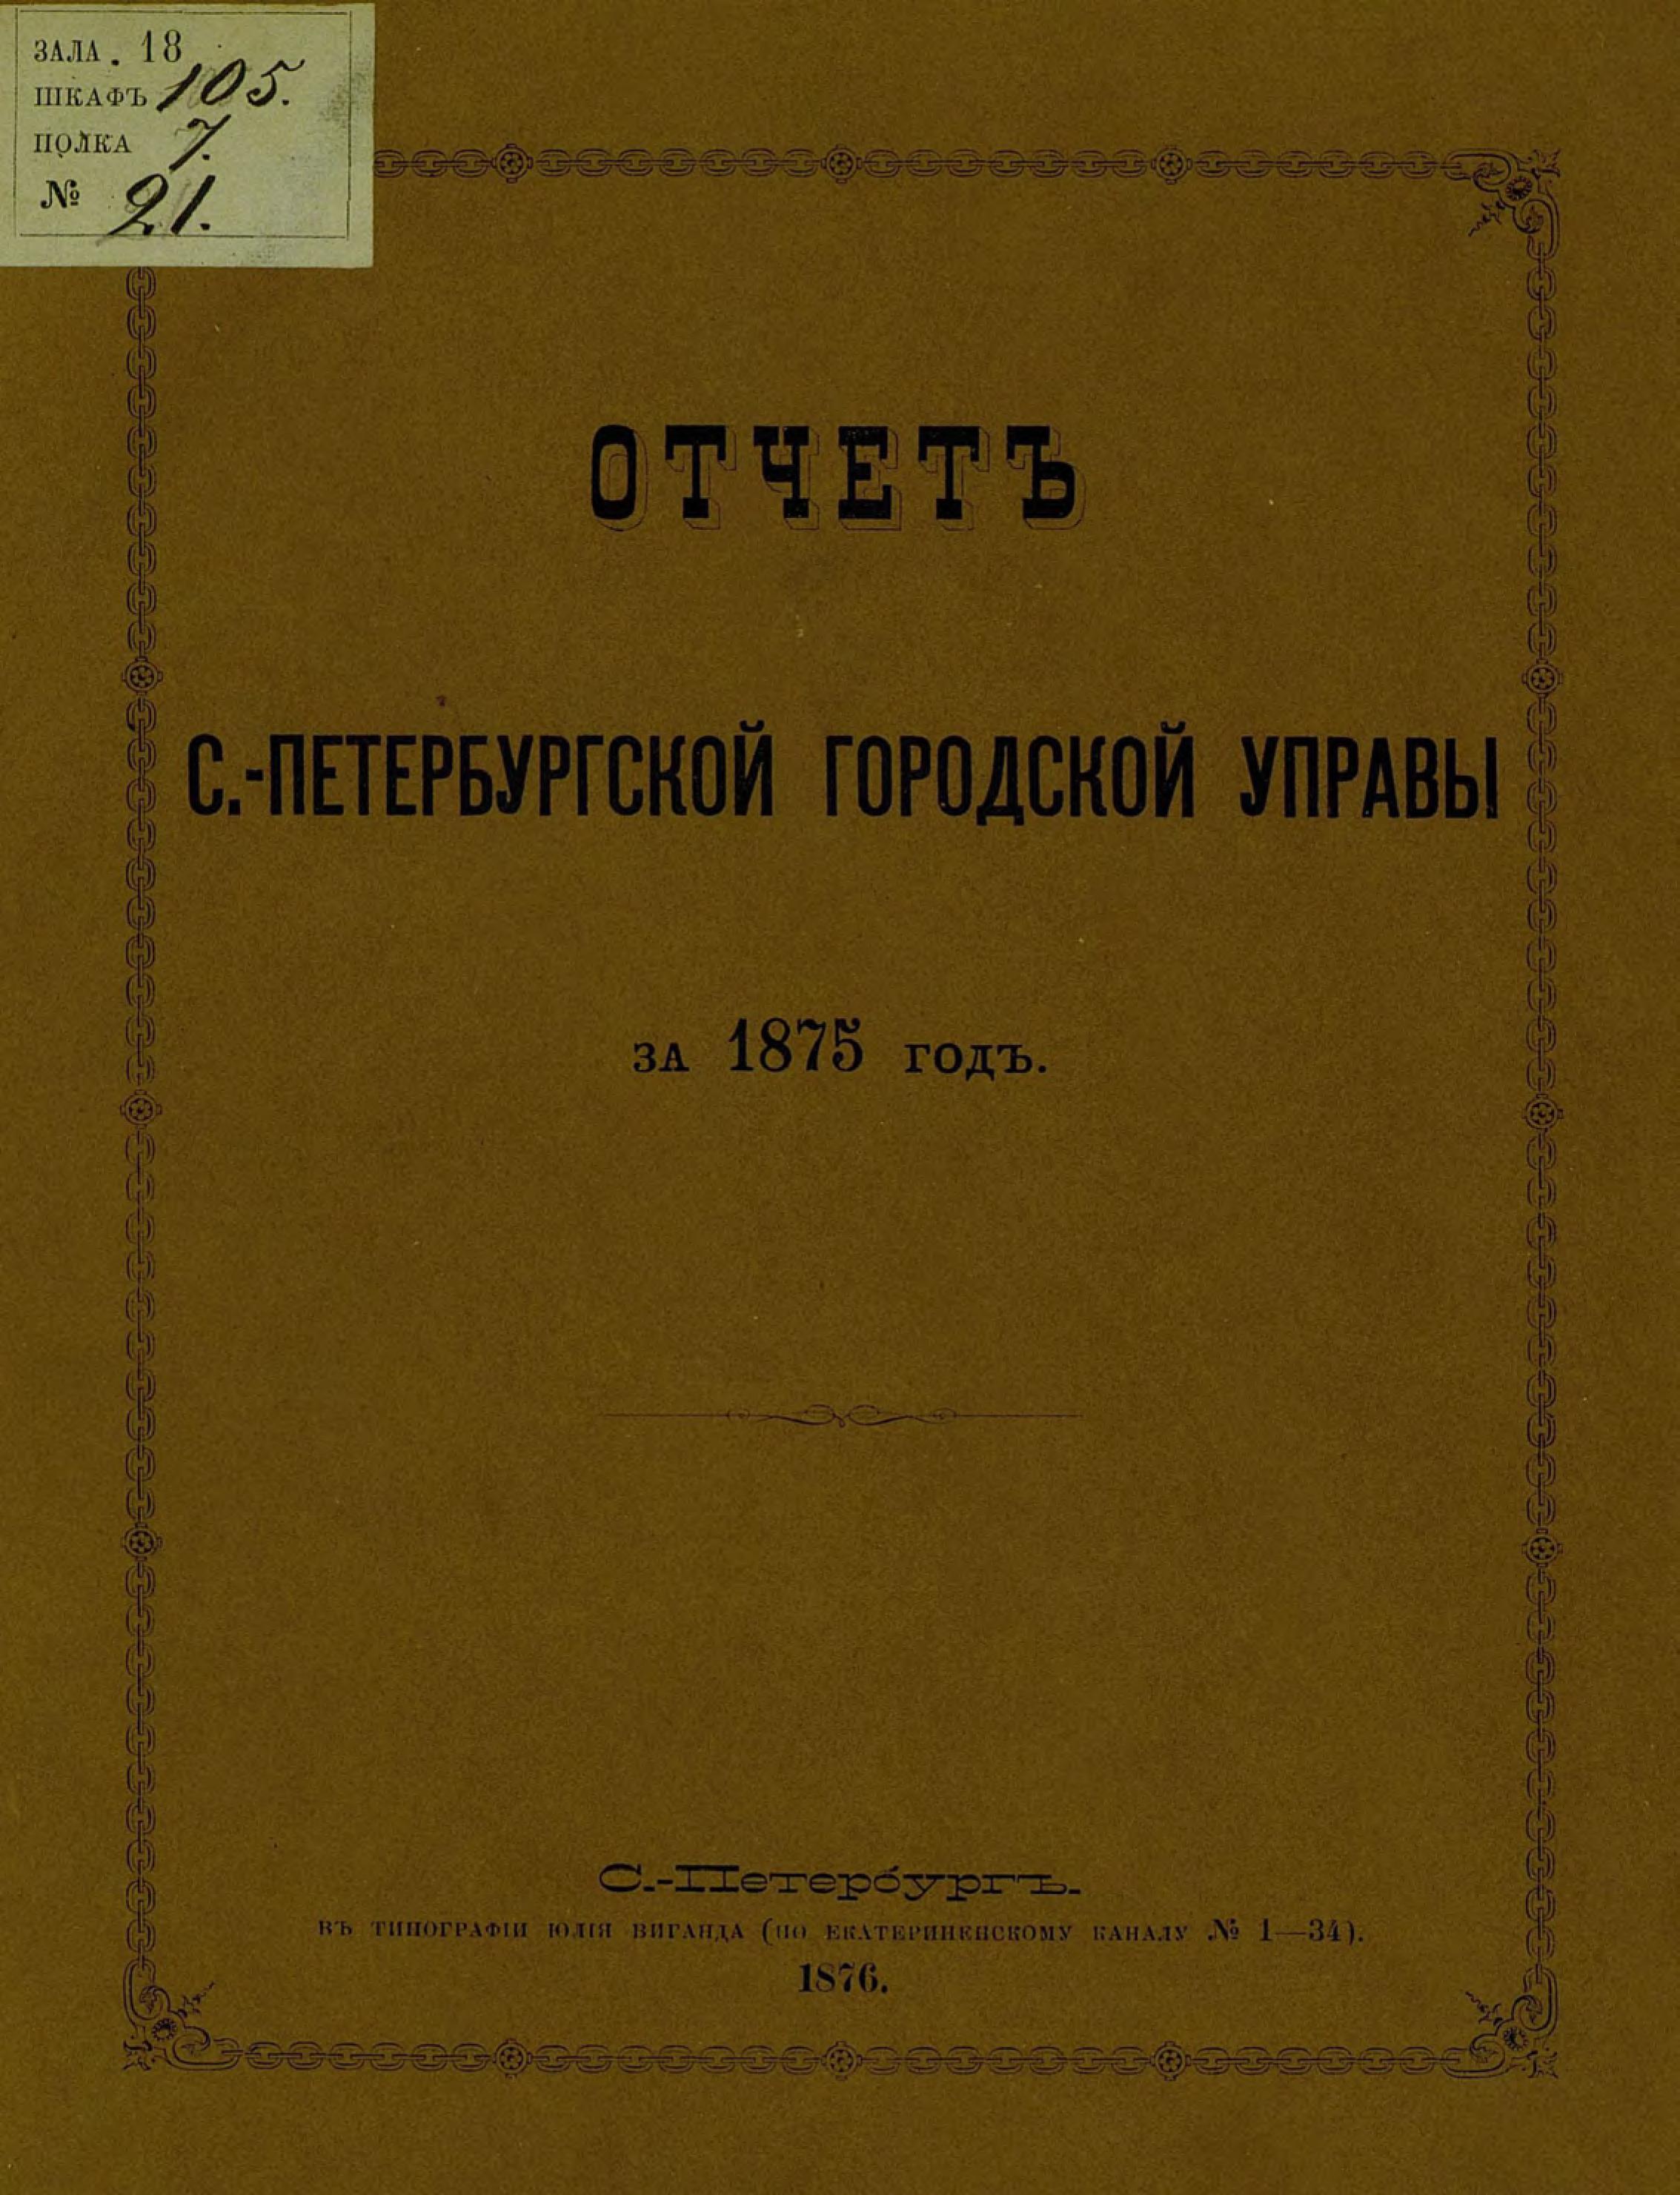 Коллектив авторов Отчет городской управы за 1875 г. коллектив авторов всеобщий календарь на 1918 г сокращ